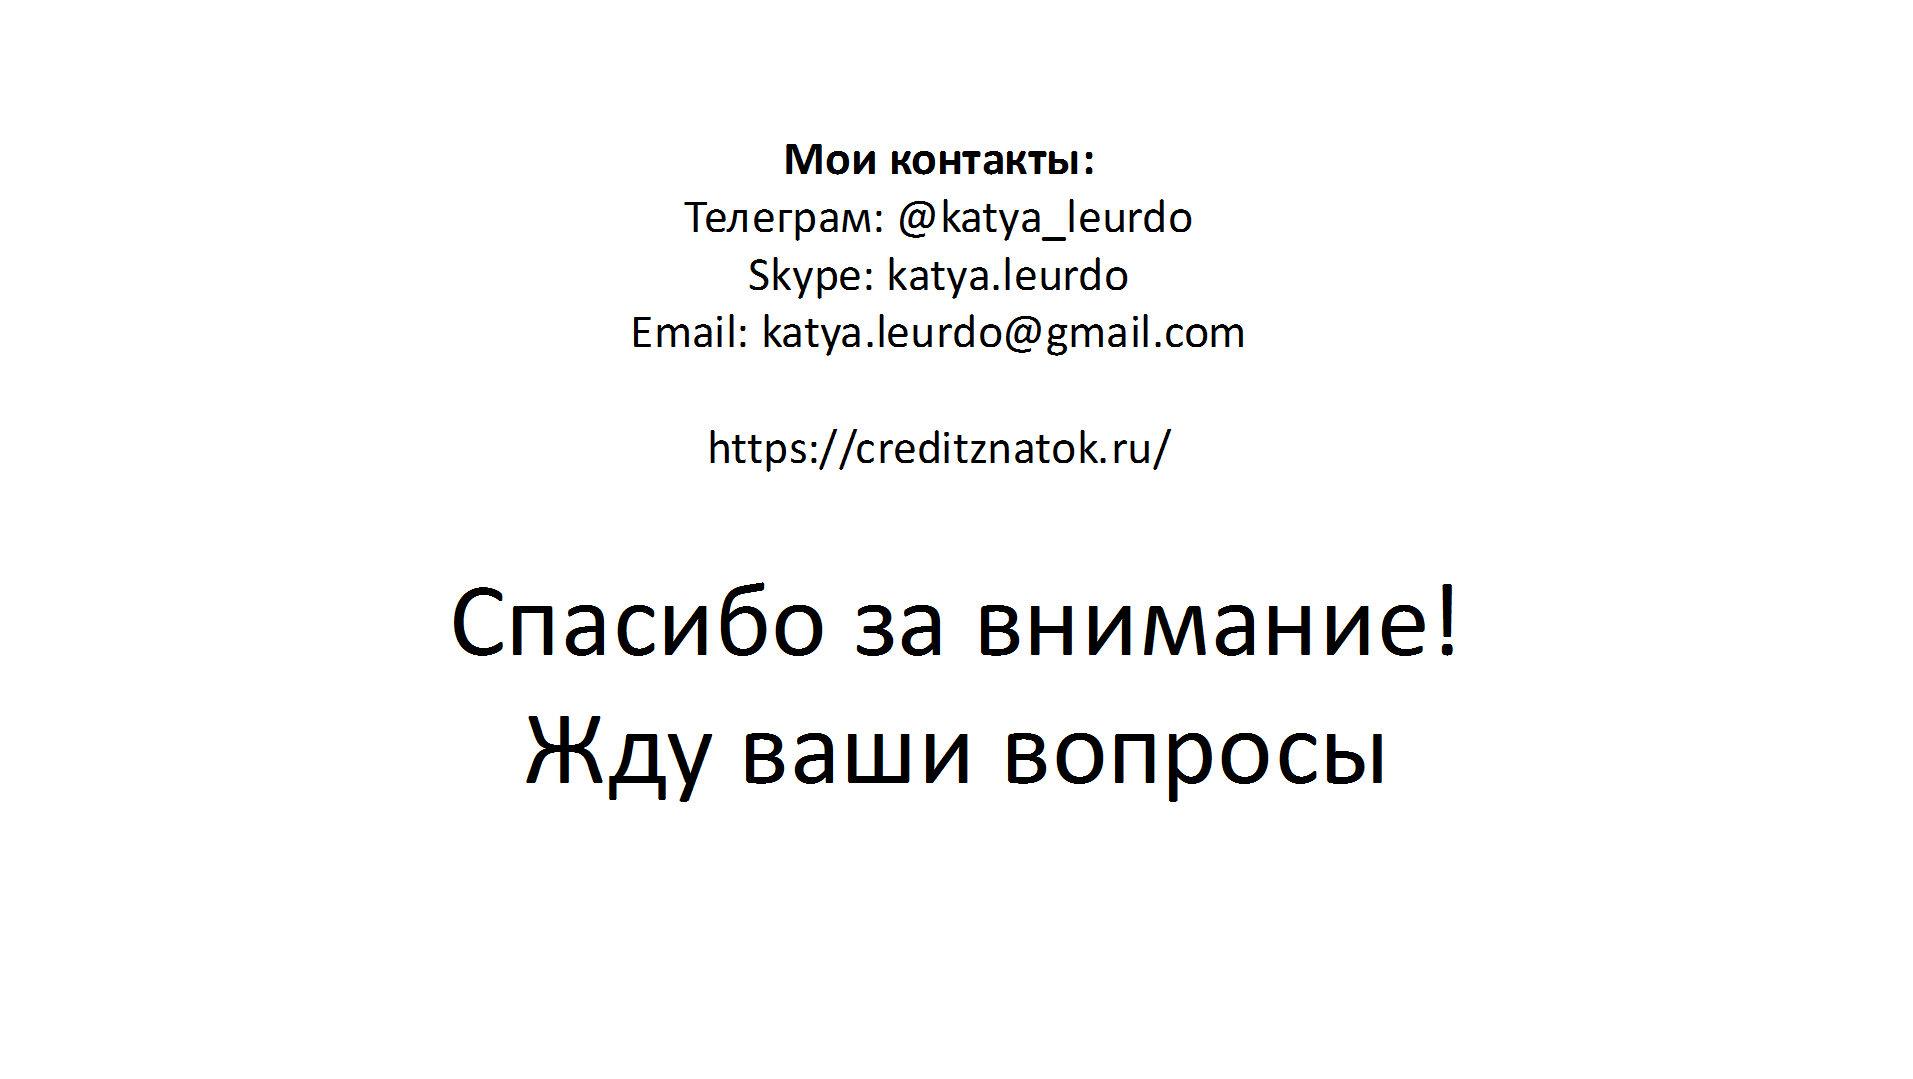 WP Moscow 9 - Катя Леурдо - Как мы делали умный фильтр - 10